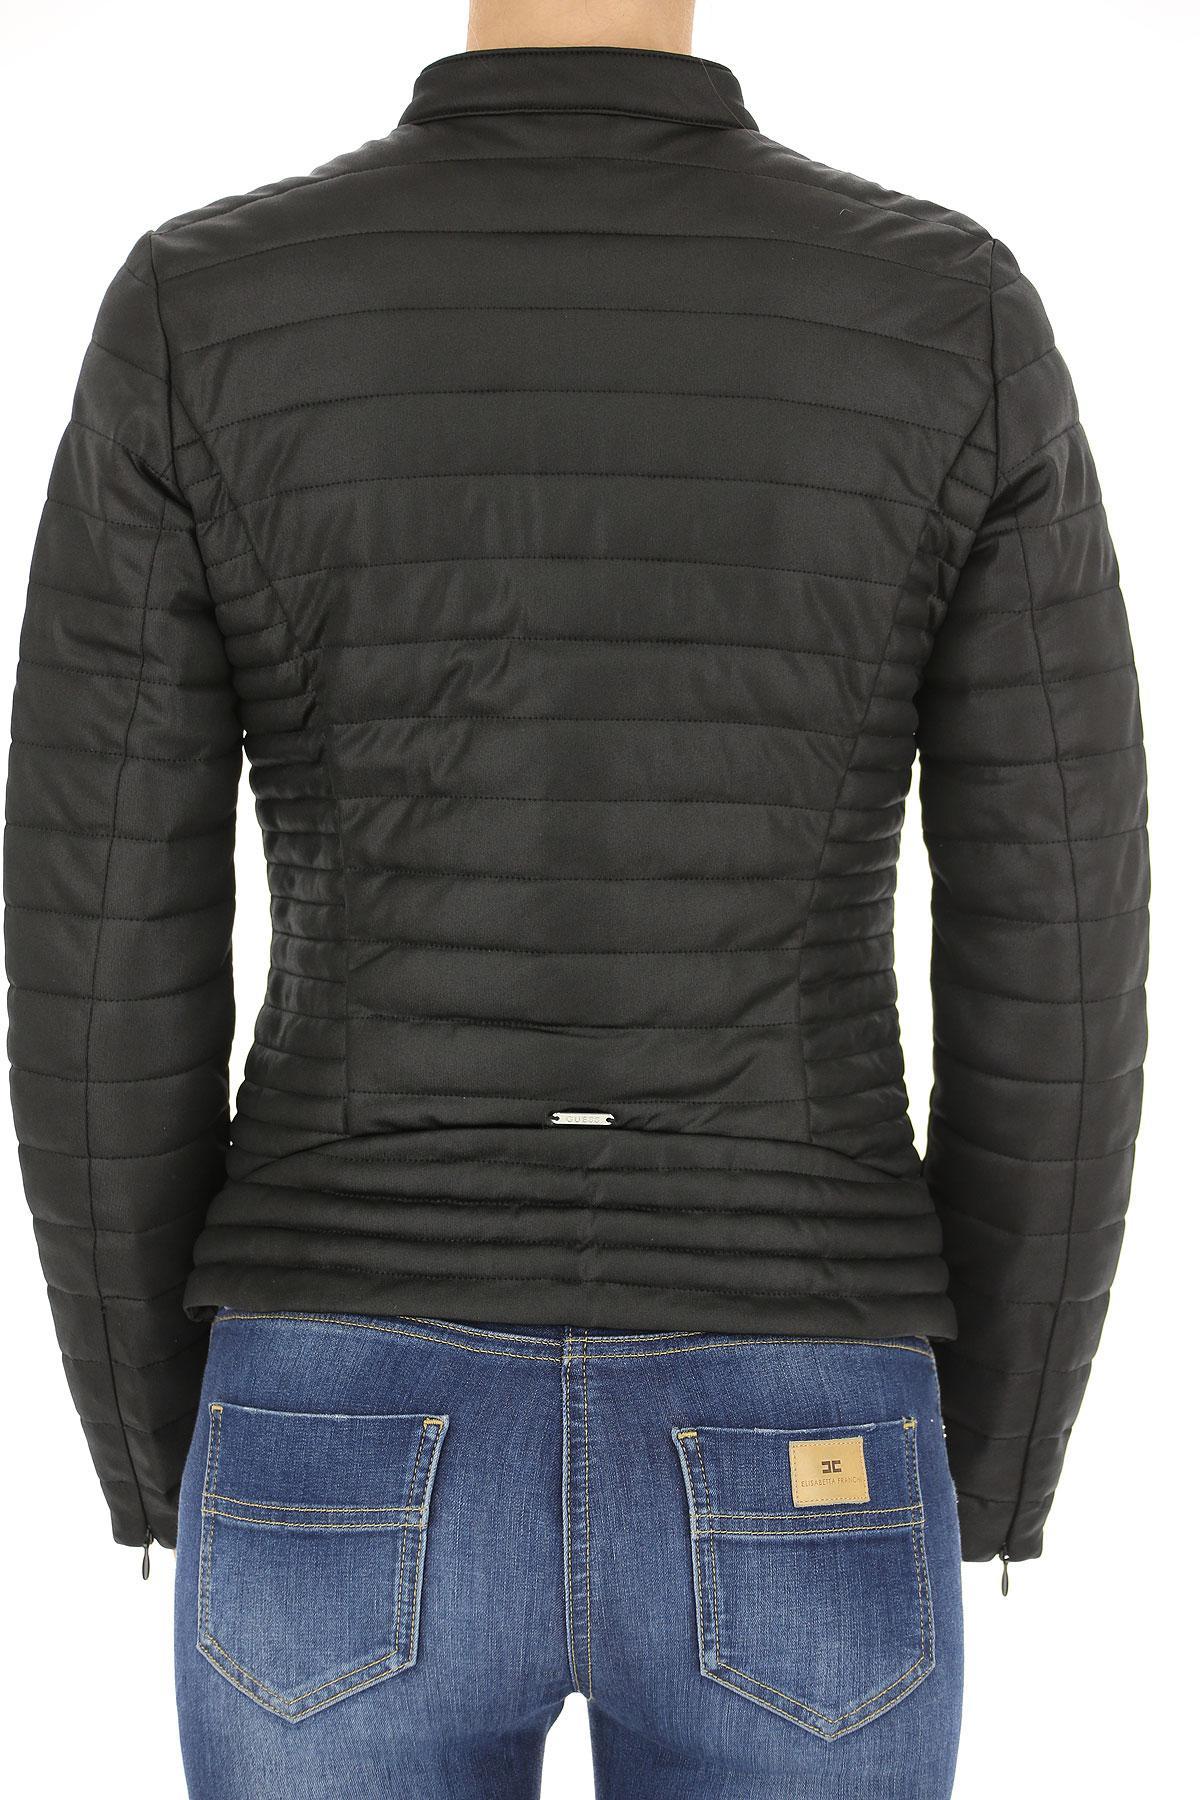 Lyst - Veste Femme Pas cher en Soldes Guess en coloris Noir 9337c8a8b5d